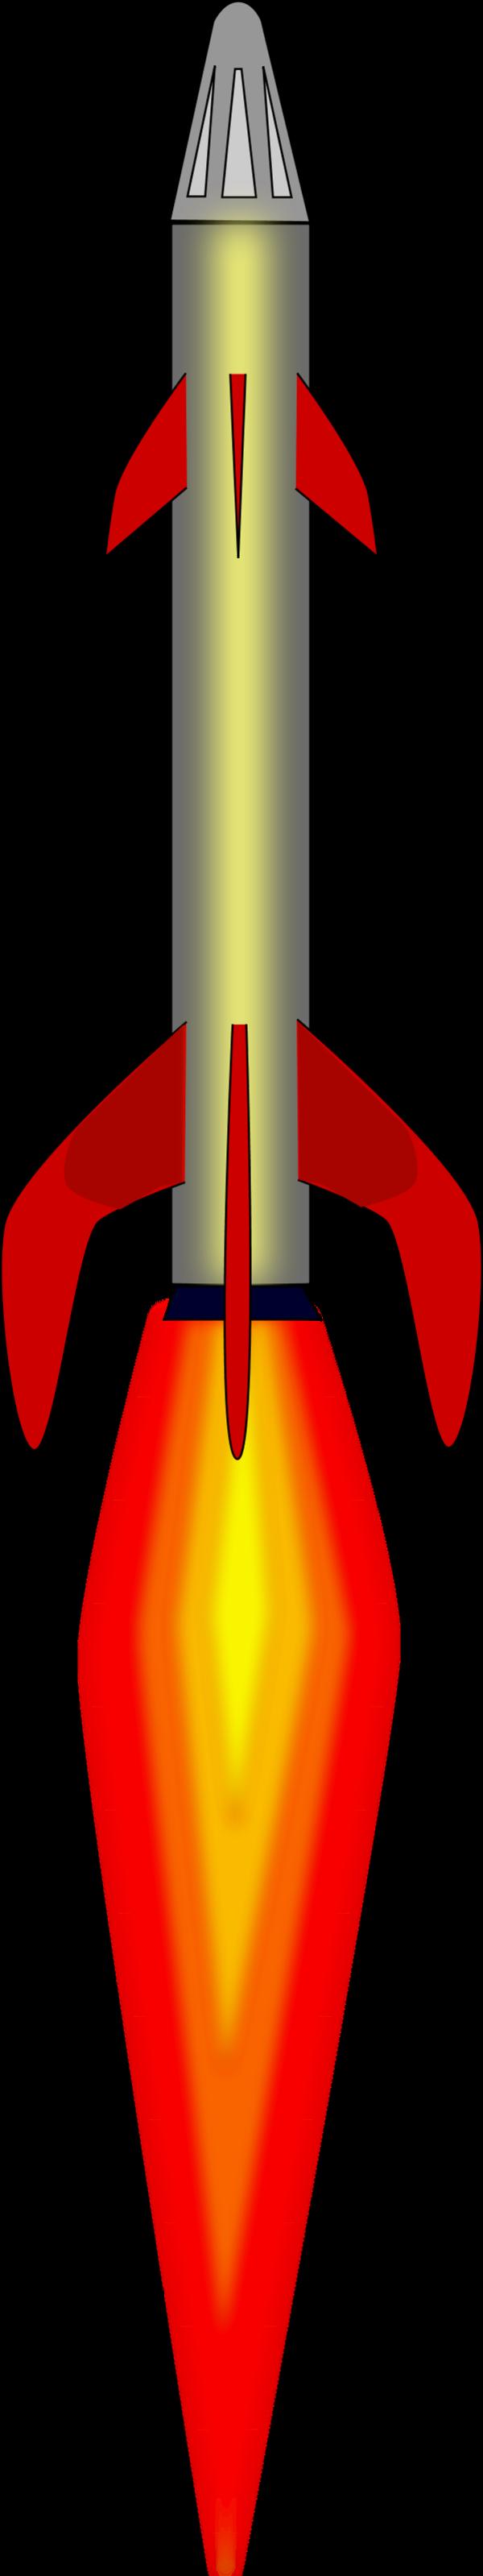 Missile clipart rocket Clipart Rocket Clipartion com Rocket